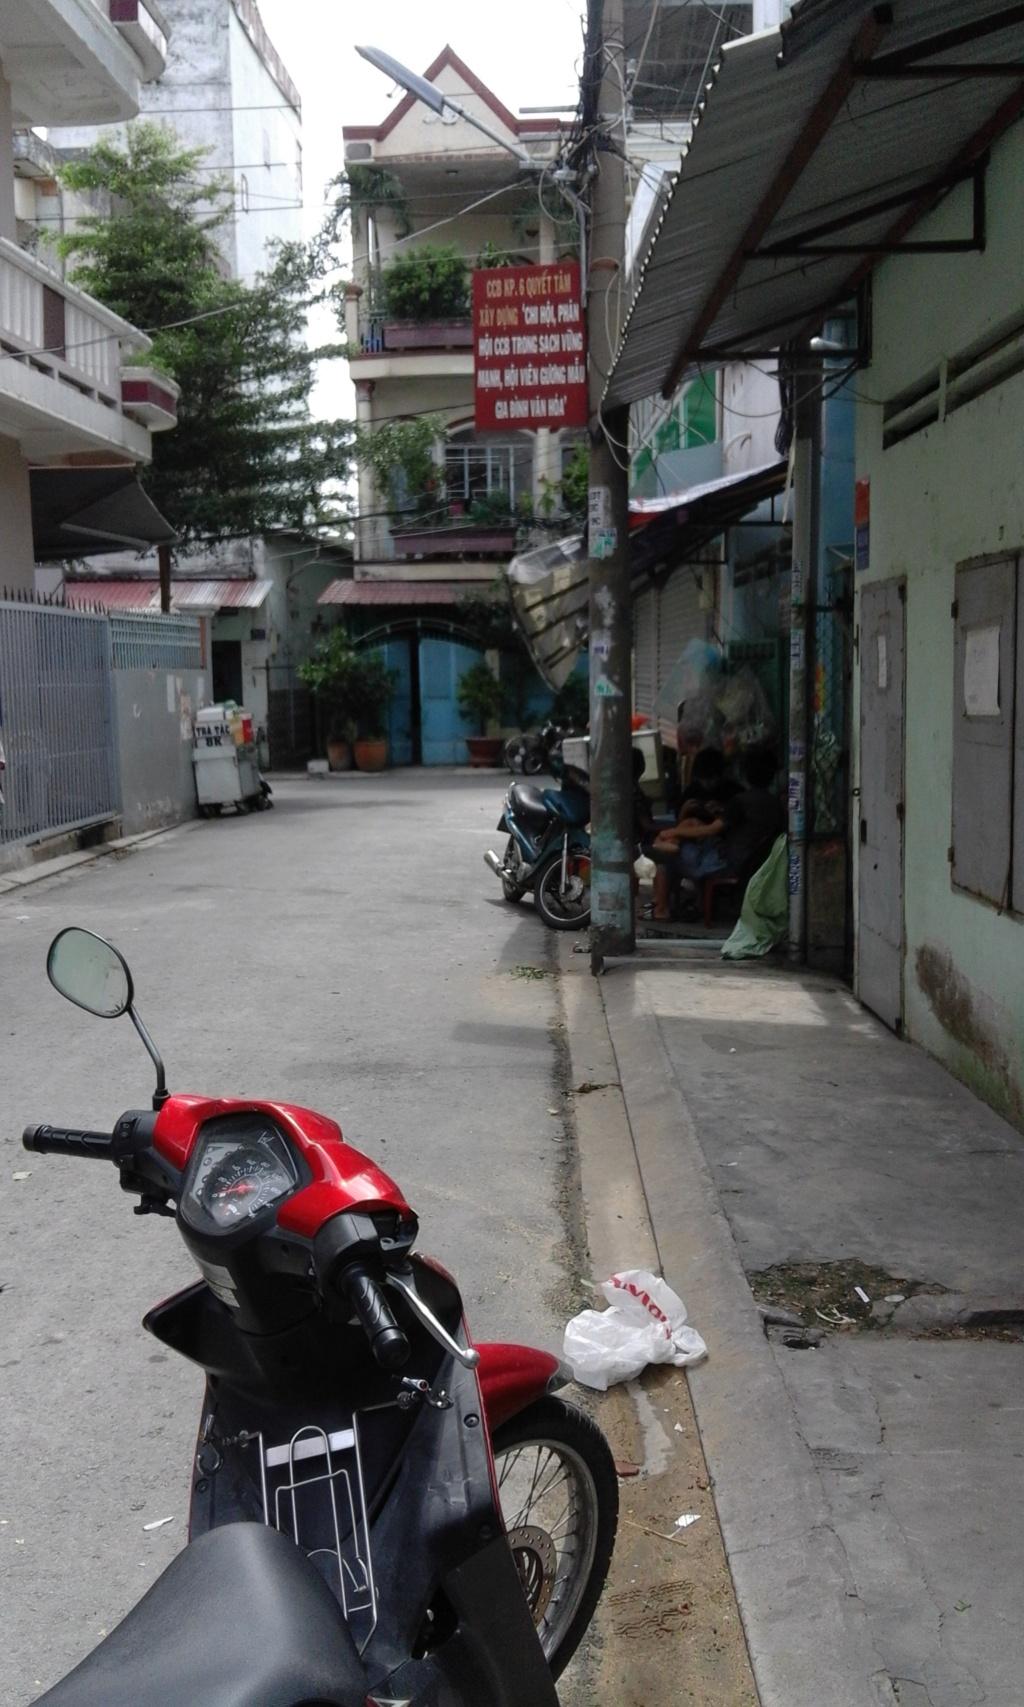 Bán nhà nguyên căn vuông vắn, đẹp, HXH 7m C. Lan 01228693699, 143/2/44 Phạm Huy Thông, P6, Gò Vấp 20180711